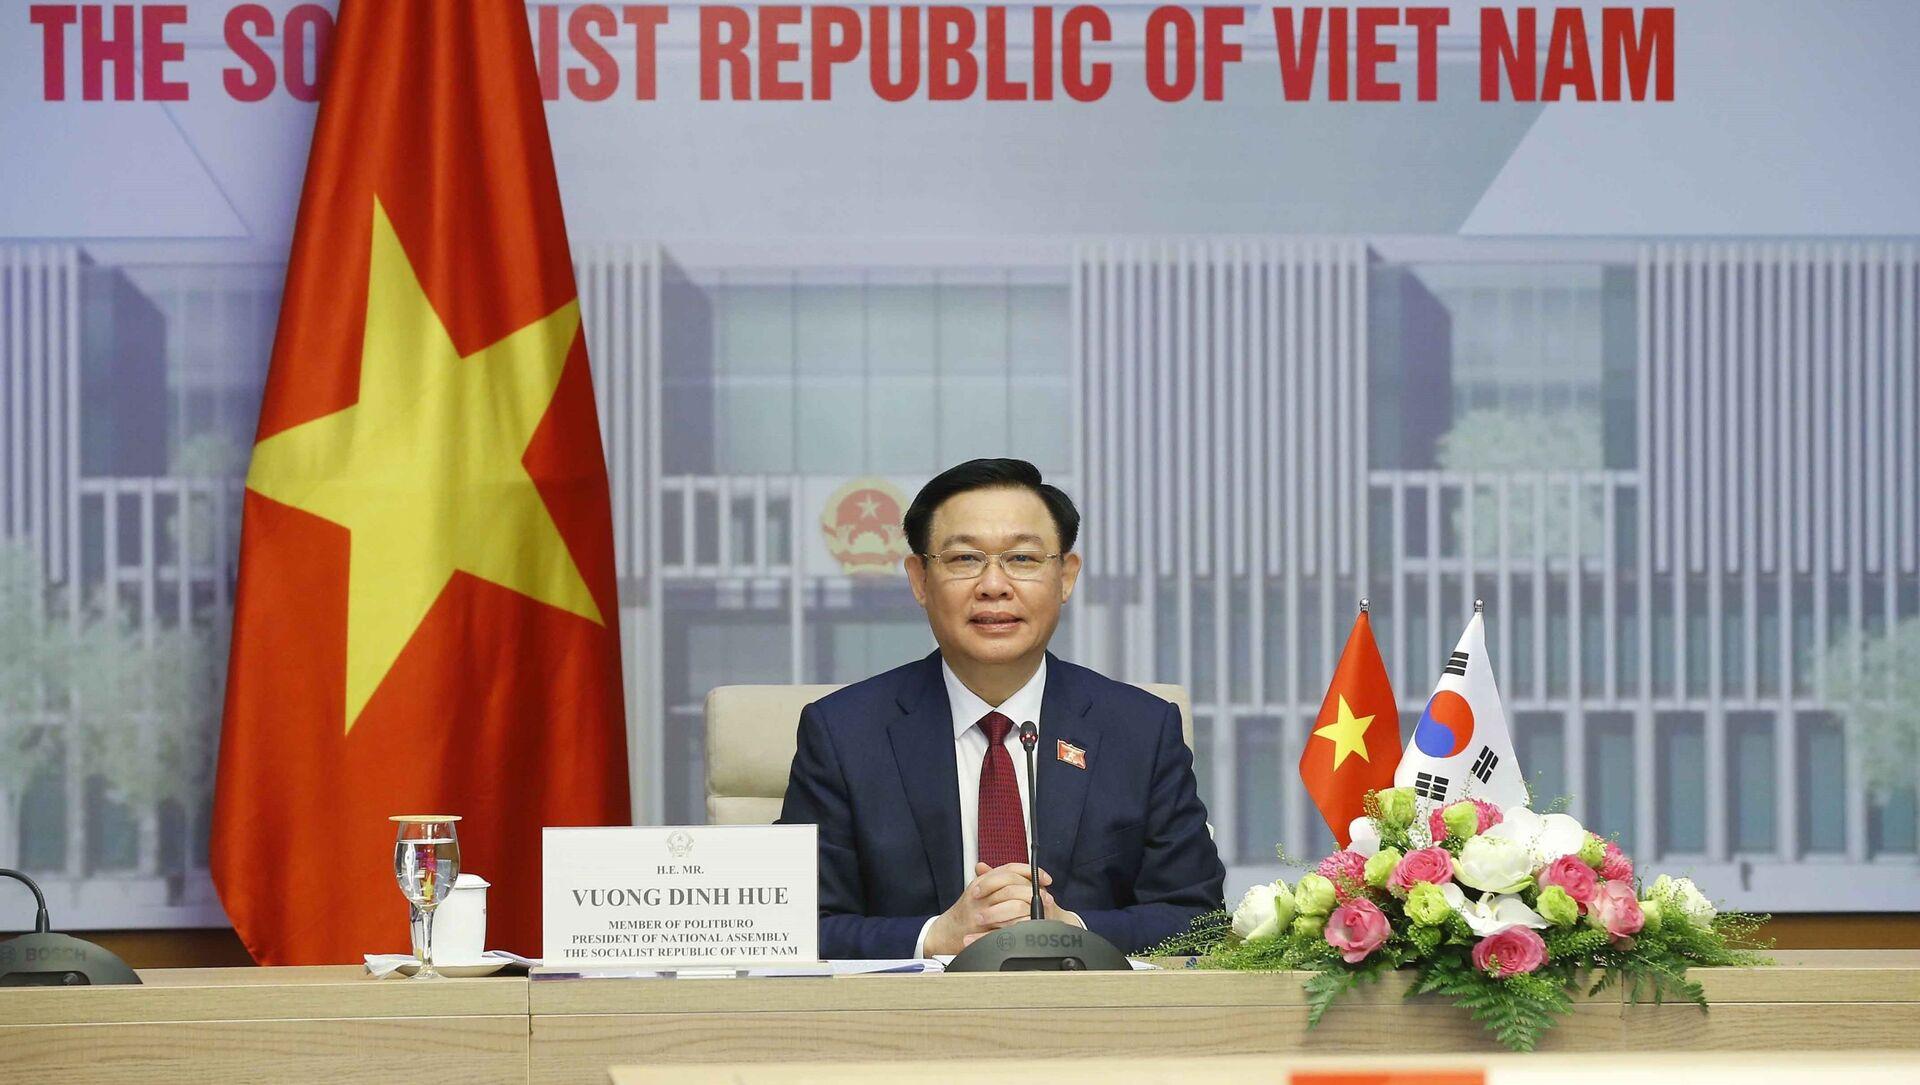 Chủ tịch Quốc hội Vương Đình Huệ phát biểu. - Sputnik Việt Nam, 1920, 23.06.2021